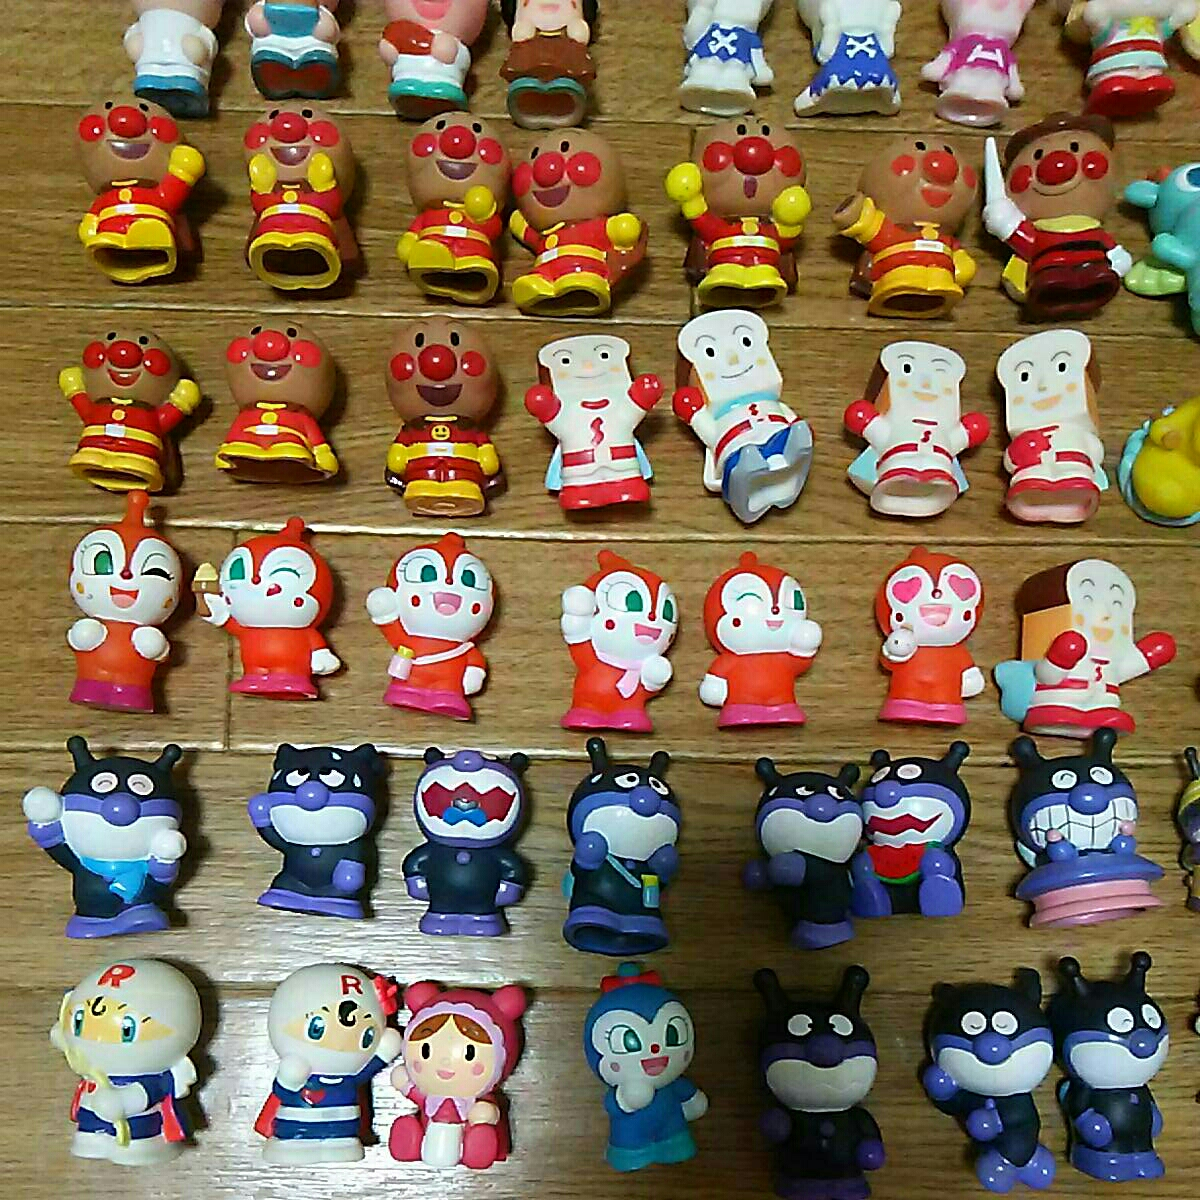 ダブリなしアンパンマン指人形他フィギュア106体セット ソフビ マスコットキャラクターやなせたかし まとめて まとめ売り大量 たくさんミニ_画像2